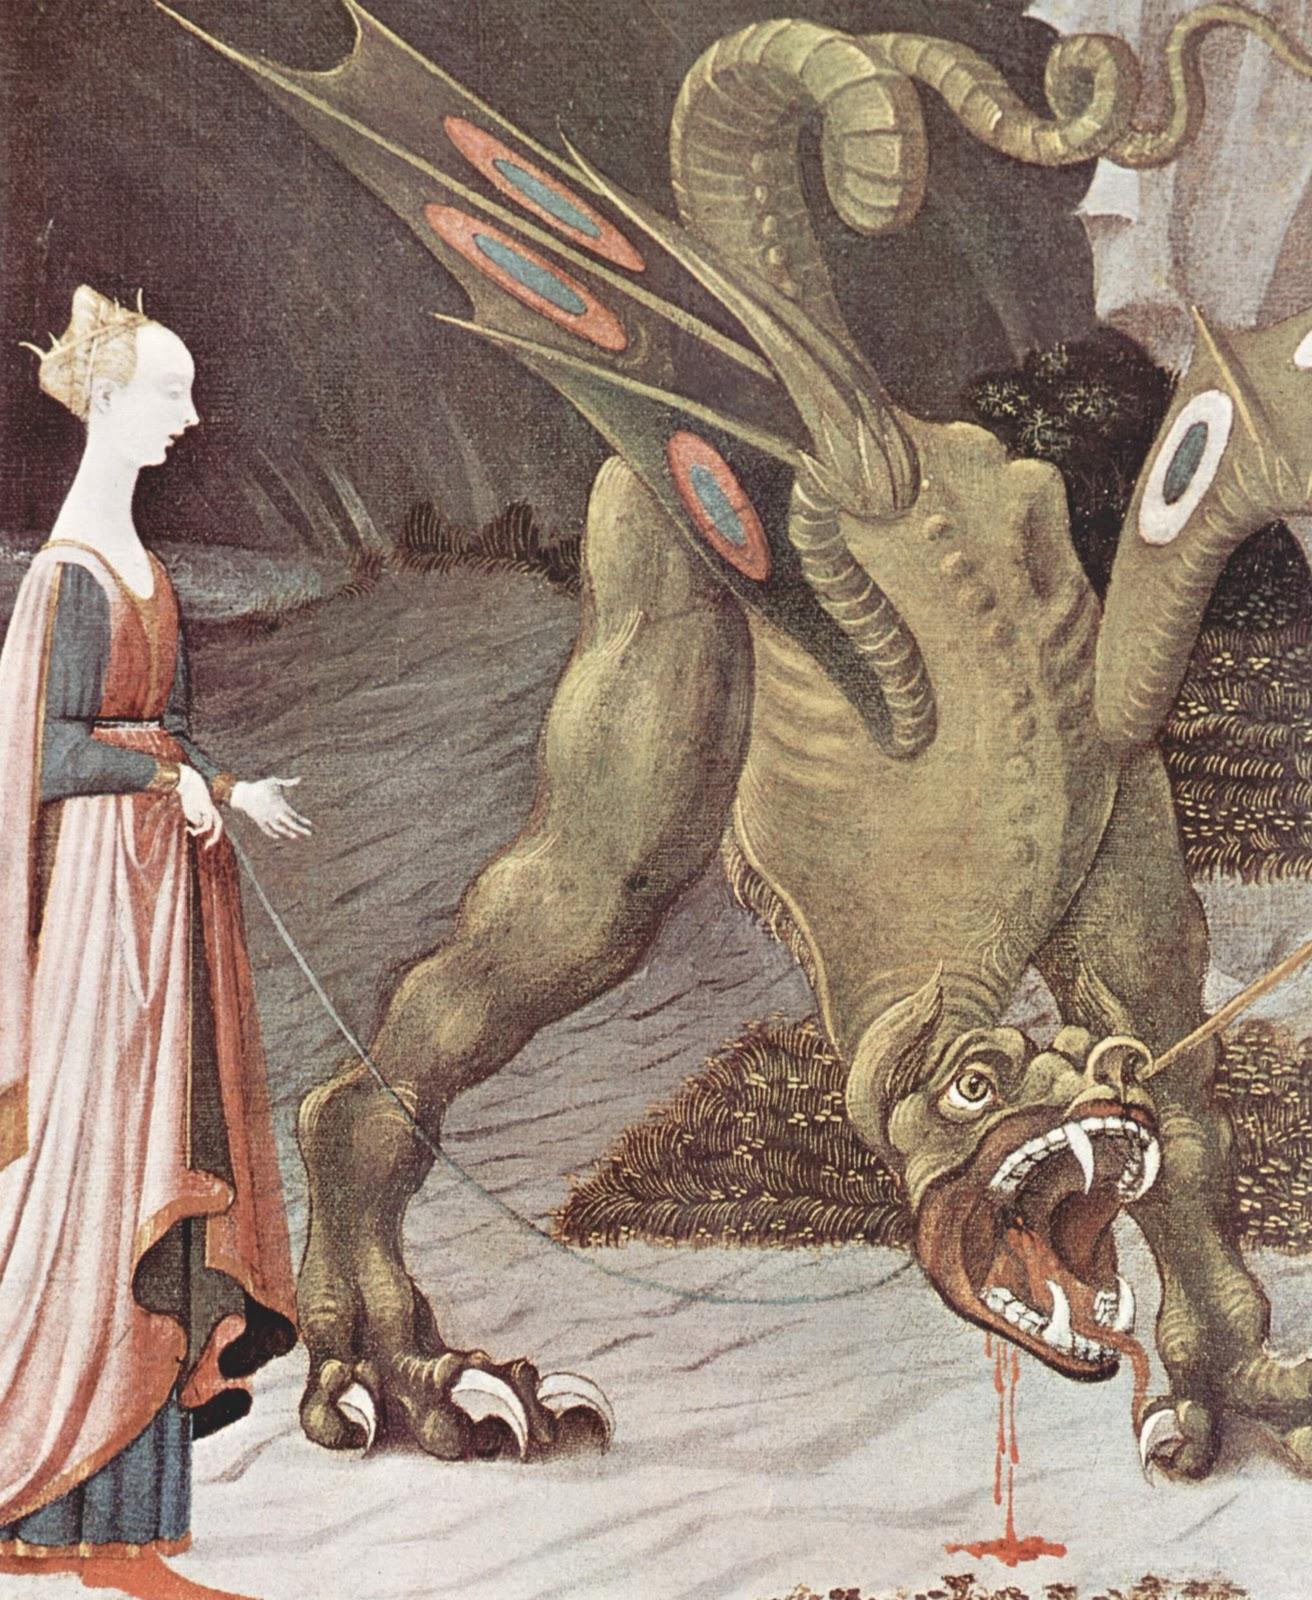 Theaterliebe: Paolo Ucello - Der Heilige Georg tötet den Drachen